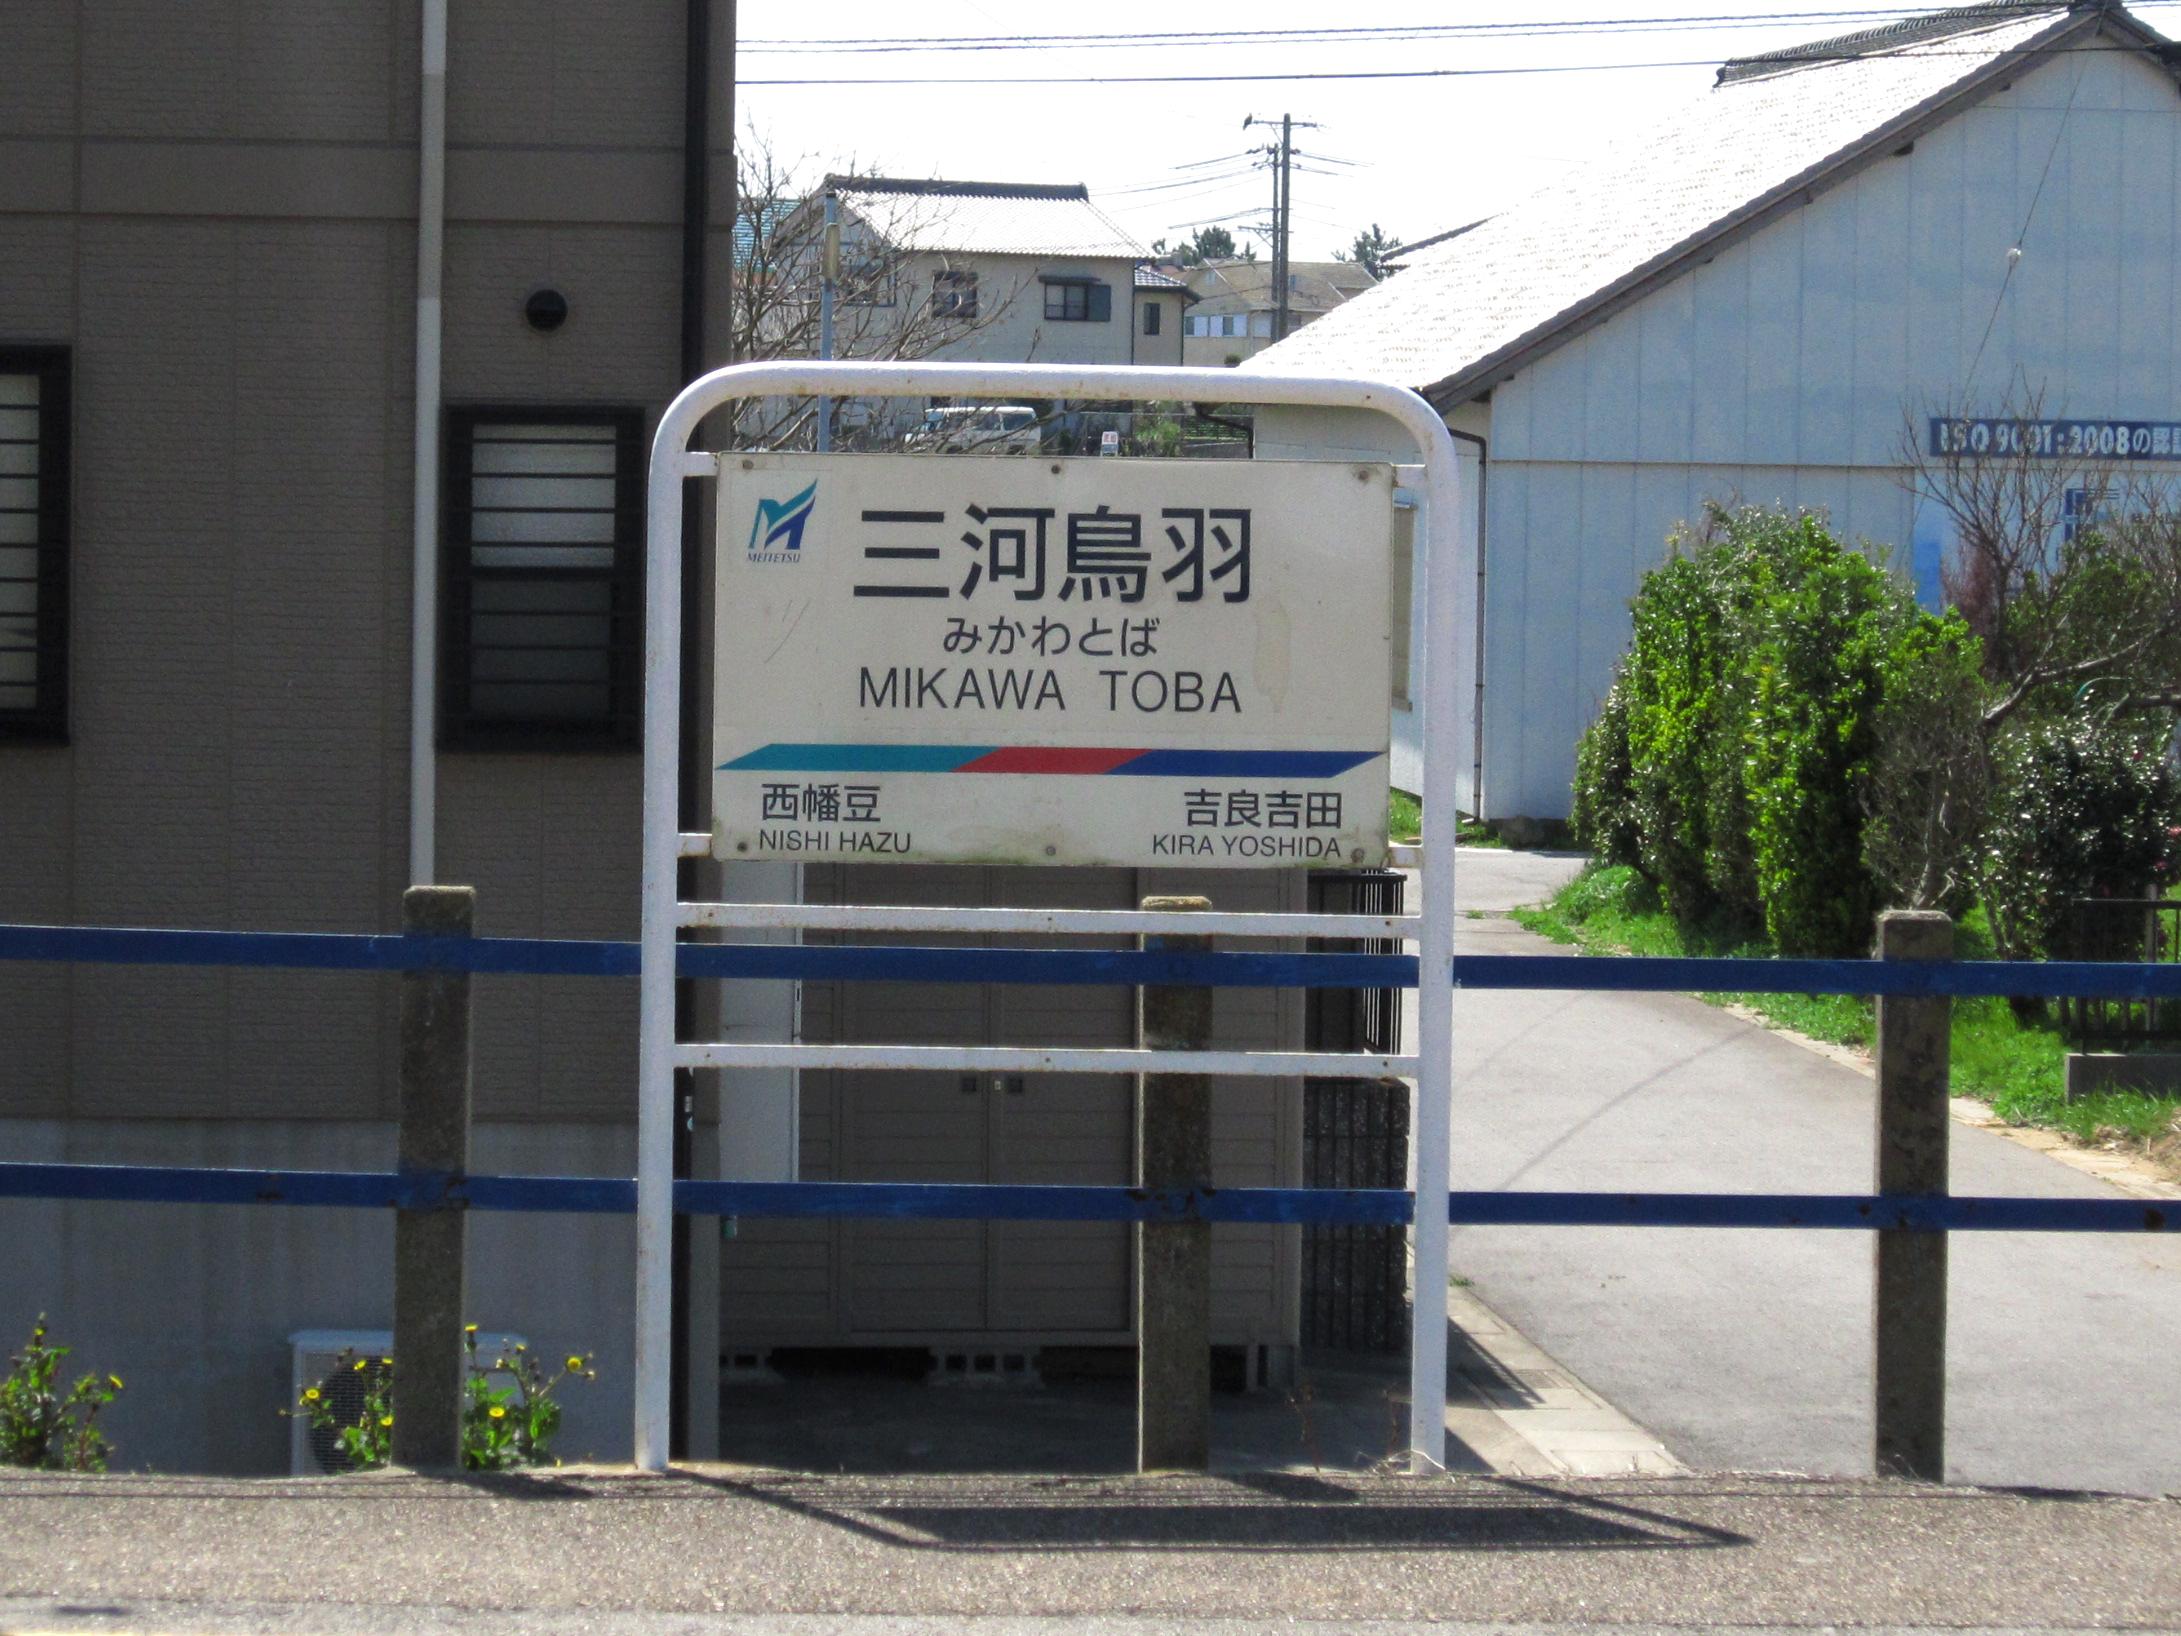 【乗って残そう蒲郡線】#3 三河鳥羽駅